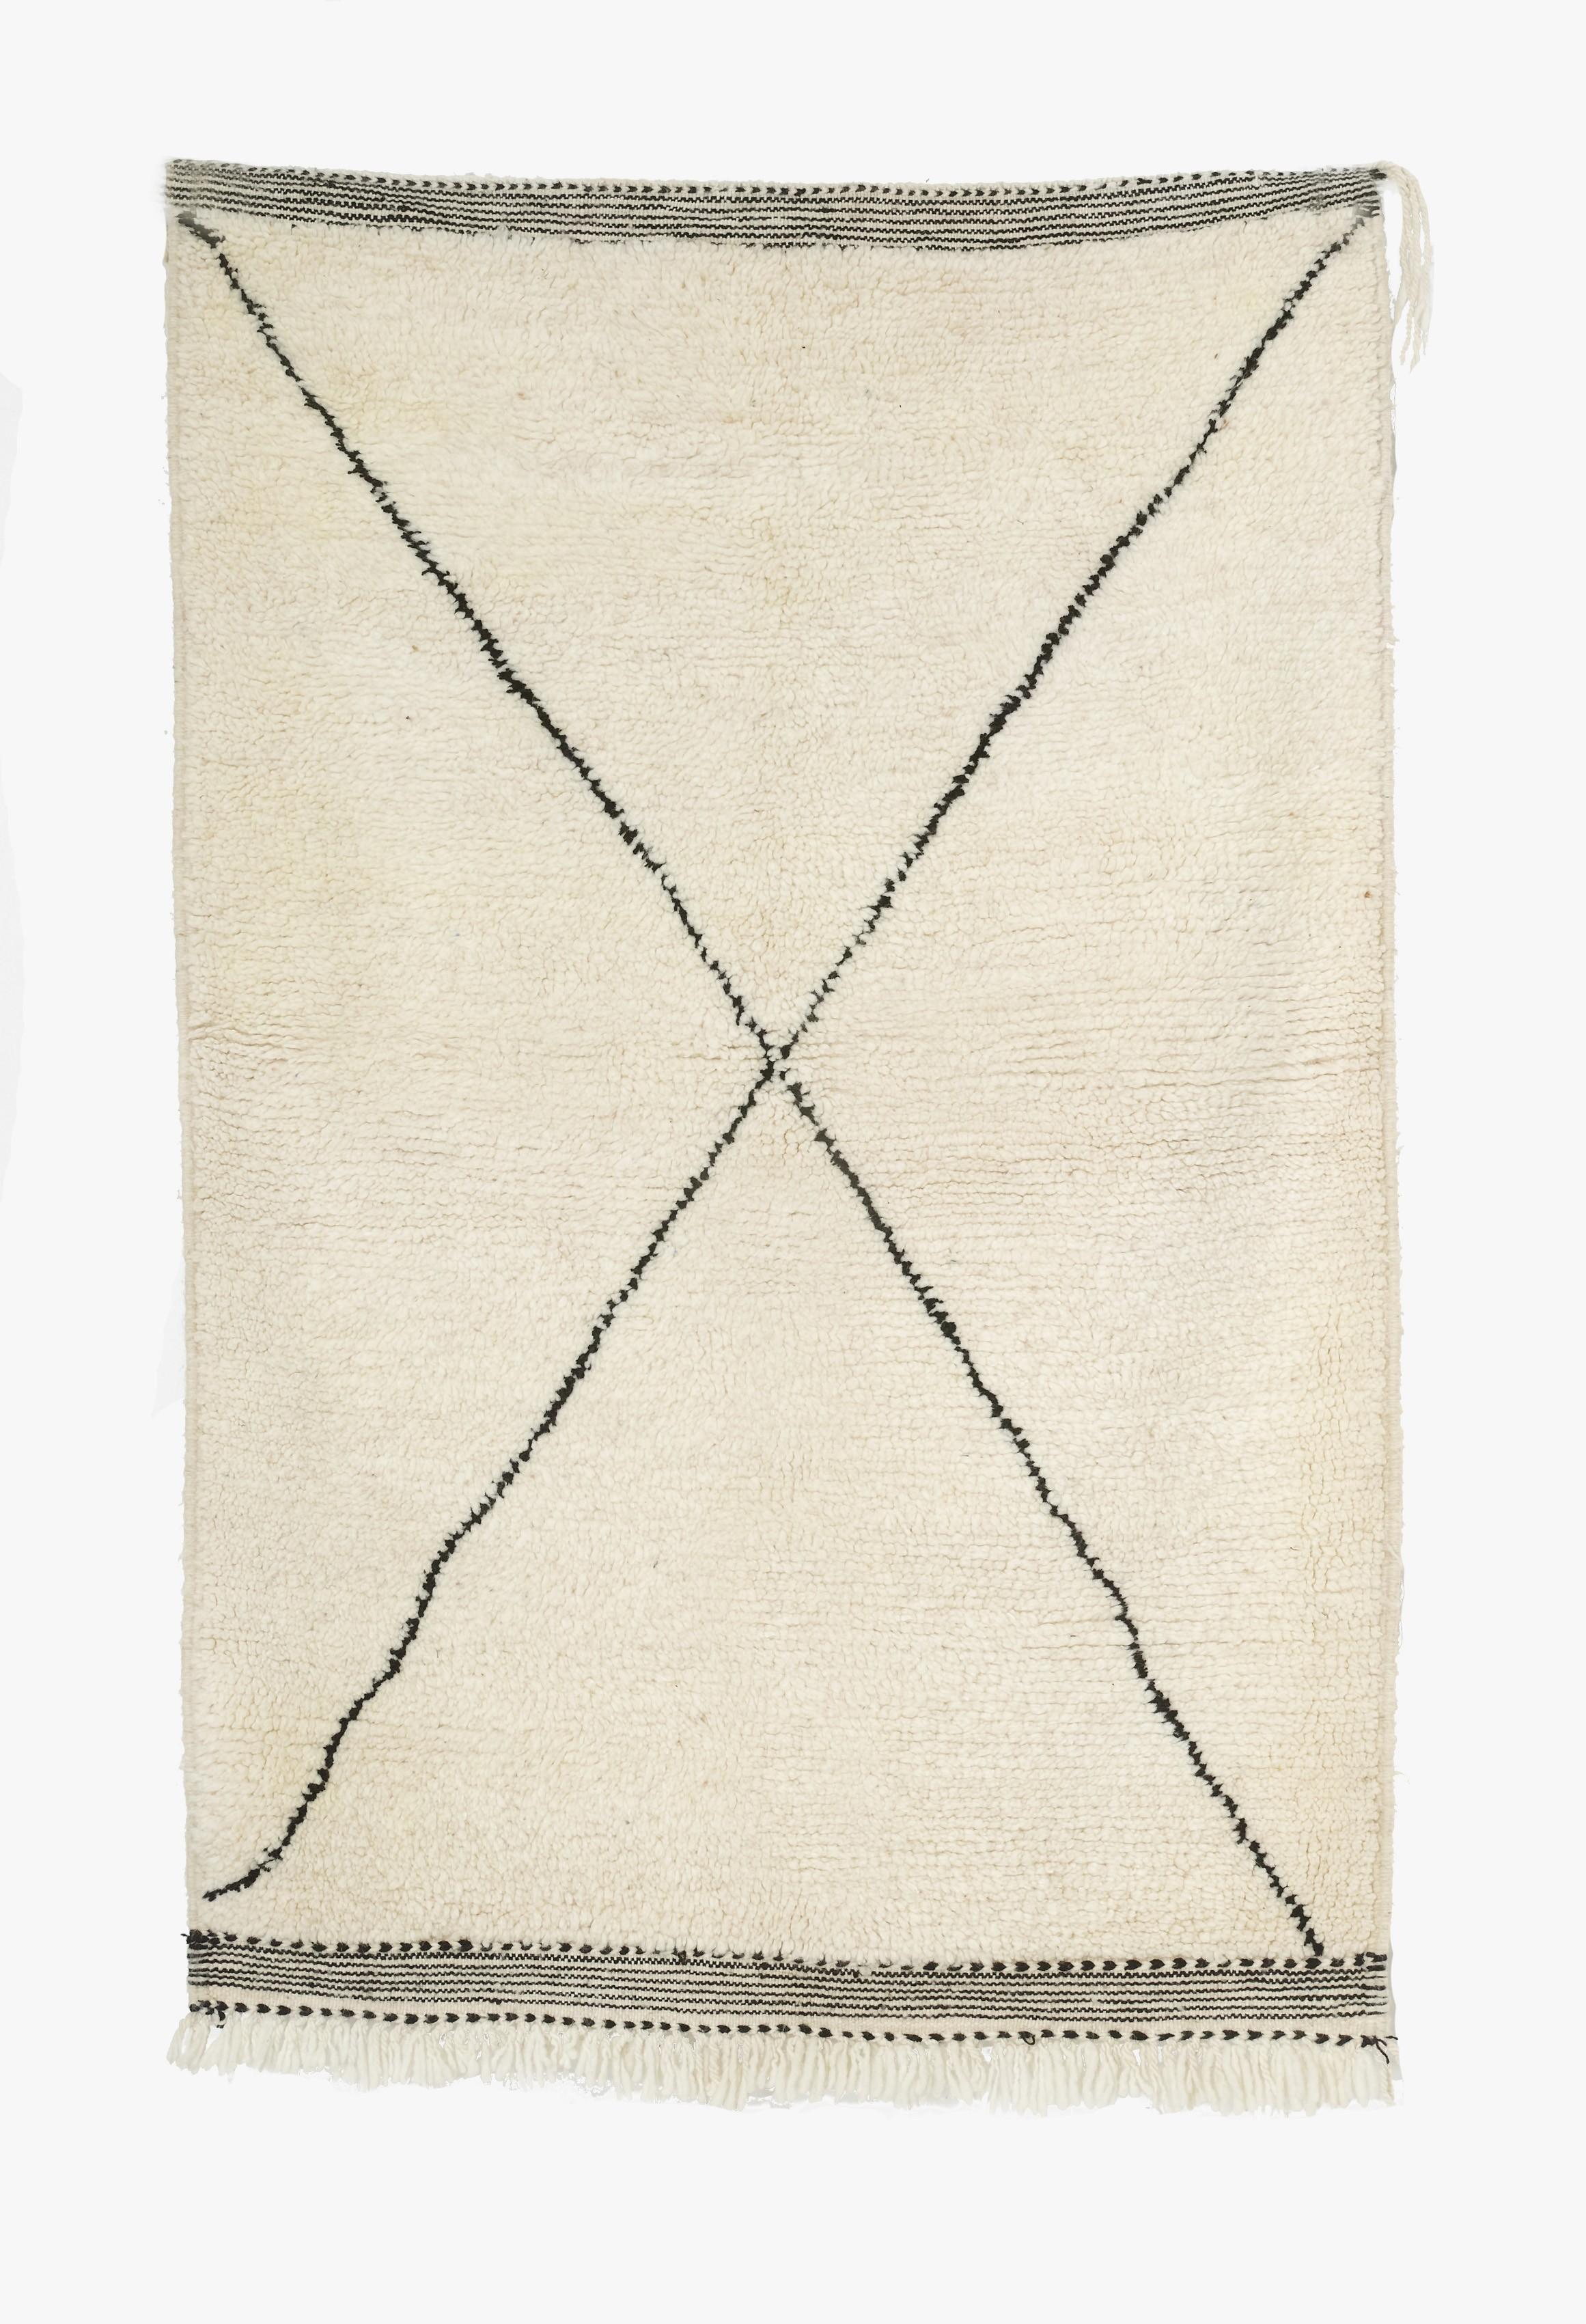 TAPIS BENI OUARAIN 154 x 105 cm